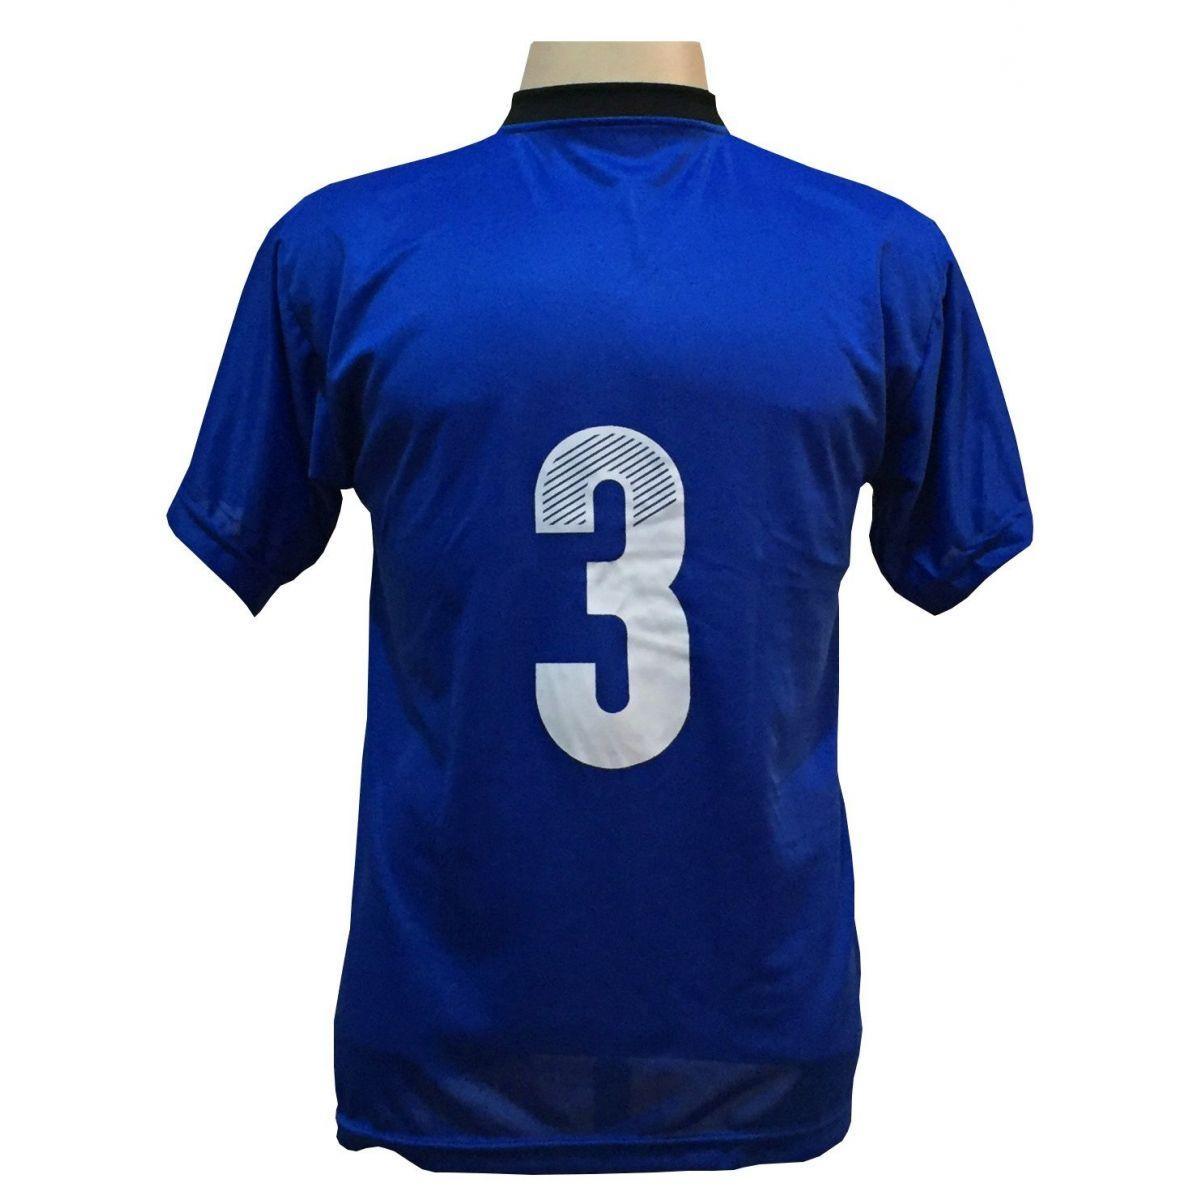 Uniforme Esportivo com 18 camisas modelo Roma Royal/Preto + 18 calções modelo Madrid Royal + Brindes